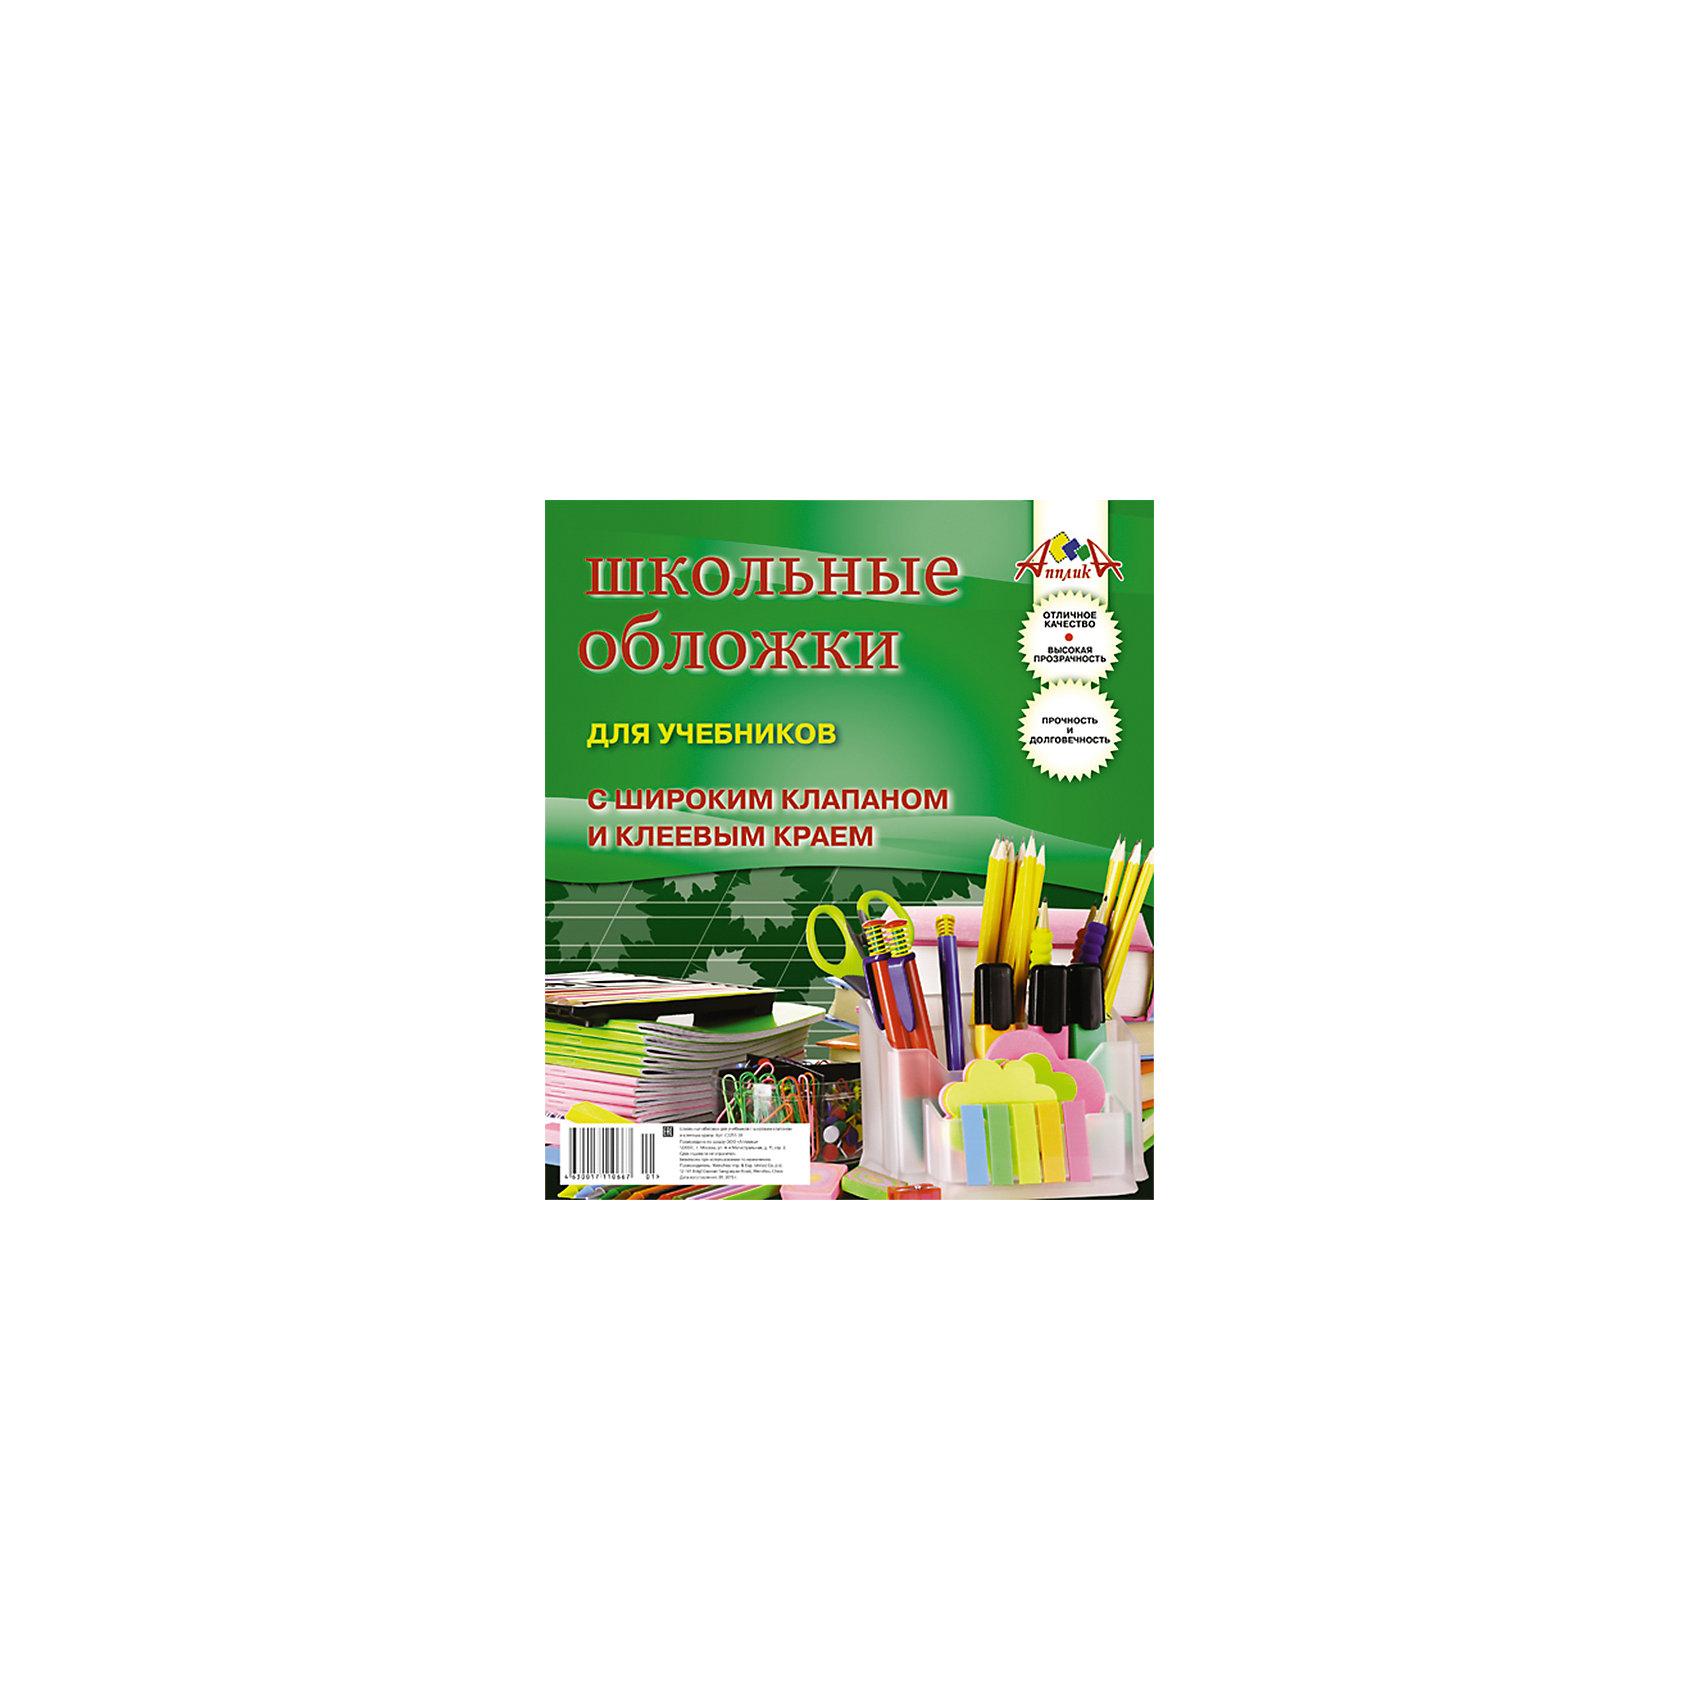 Обложки  для учебников с широким клапаном и  клеевым краем, комплект 5 штук.Школьные аксессуары<br>Характеристики товара:<br><br>• возраст: от 6 лет;<br>• упаковка: пакет;<br>• количество в упаковки: 5 шт.;<br>• размер: 44,5х23,5 см.;<br>• материал: пвх;<br>• вес: 110 гр.;<br>• страна бренда: Россия;<br>• страна изготовитель: Россия.<br><br>Обложки  для учебников с широким клапаном и клеевым краем, комплект 5 штук - в наборе 5 обложек прозрачного цвета, выполненые из ПВХ плотностью 110 мкм. <br><br>Предназначены для защиты от пыли, грязи и механических повреждений, а специальный широкий клапан клеевой край обеспечат максимальное удобство в использовании и надежную фиксацию. Отличное качество, высокая прозрачность, прочность и долговечность - это главные преимущества этого набора. <br><br>Обложки  для учебников с широким клапаном и клеевым краем, комплект 5 штук, можно купить в нашем интернет-магазине.<br><br>Ширина мм: 210<br>Глубина мм: 180<br>Высота мм: 2<br>Вес г: 110<br>Возраст от месяцев: 36<br>Возраст до месяцев: 216<br>Пол: Унисекс<br>Возраст: Детский<br>SKU: 6992591